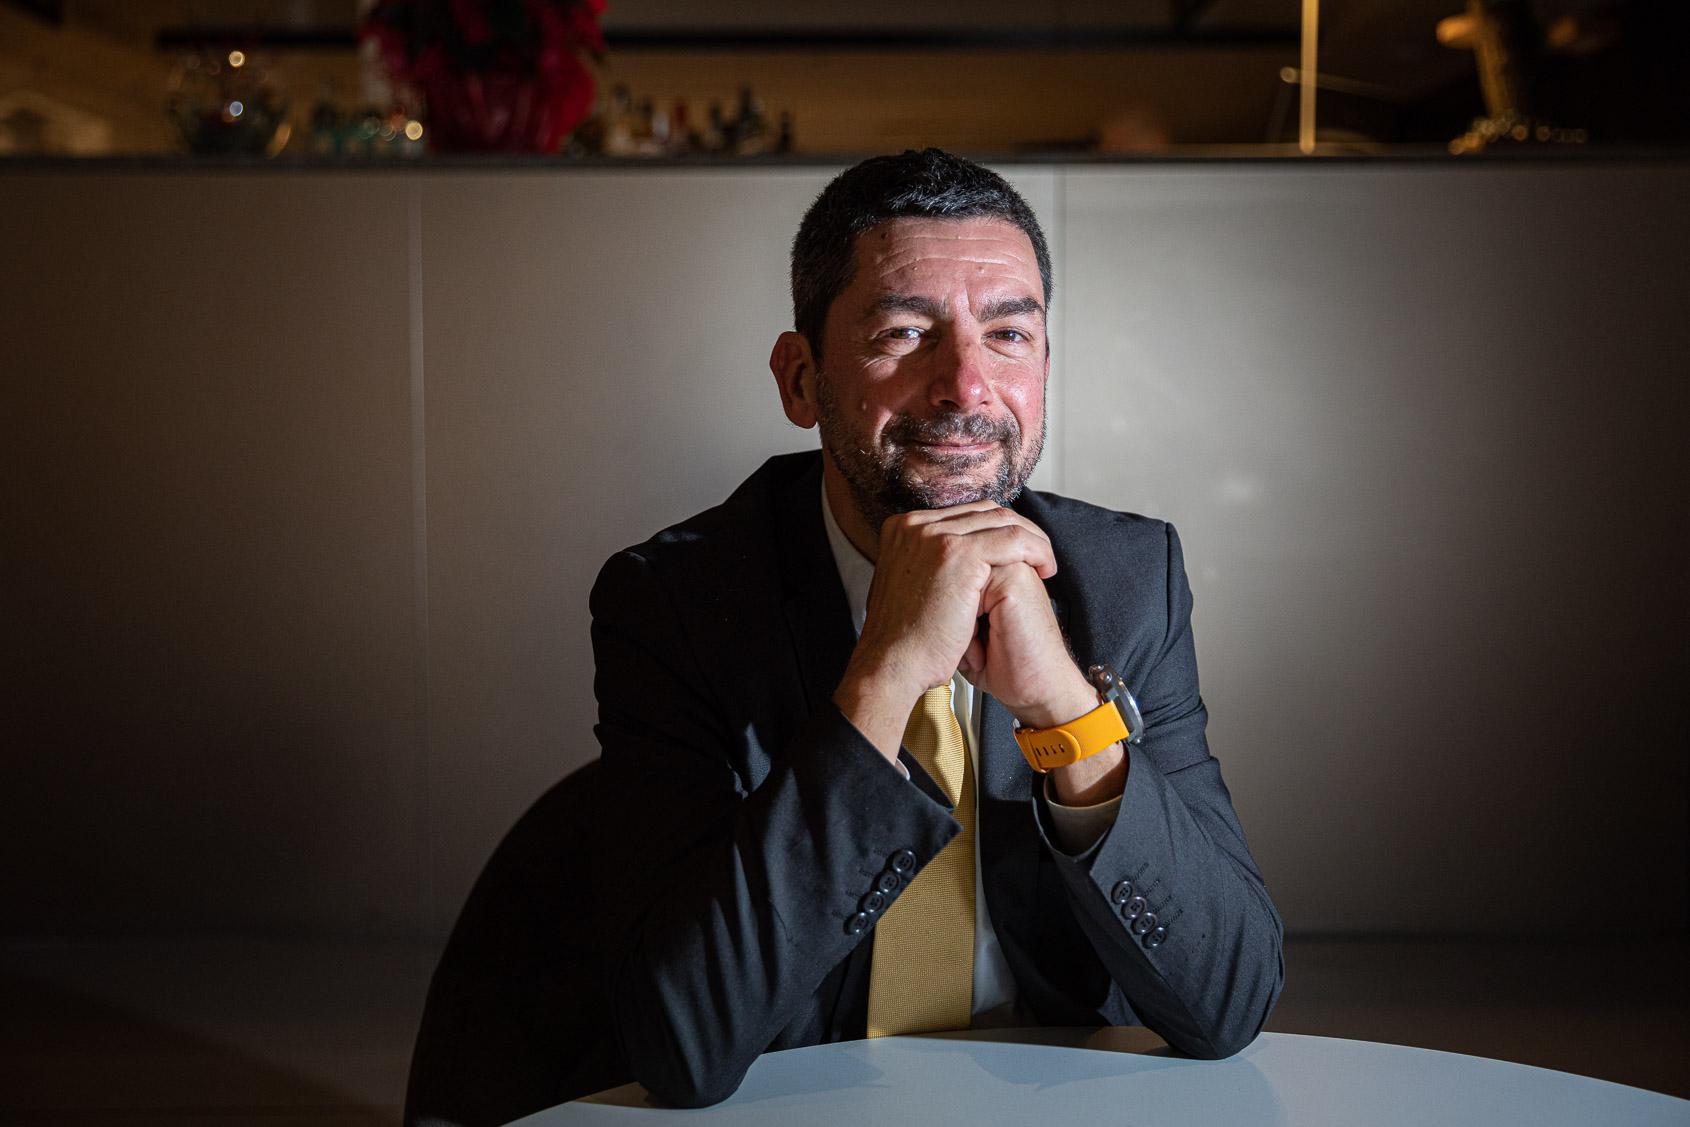 Joan Canadell és president de la Cambra de Comerç de Barcelona i candidat de JxCAT JORDI BORRÀS